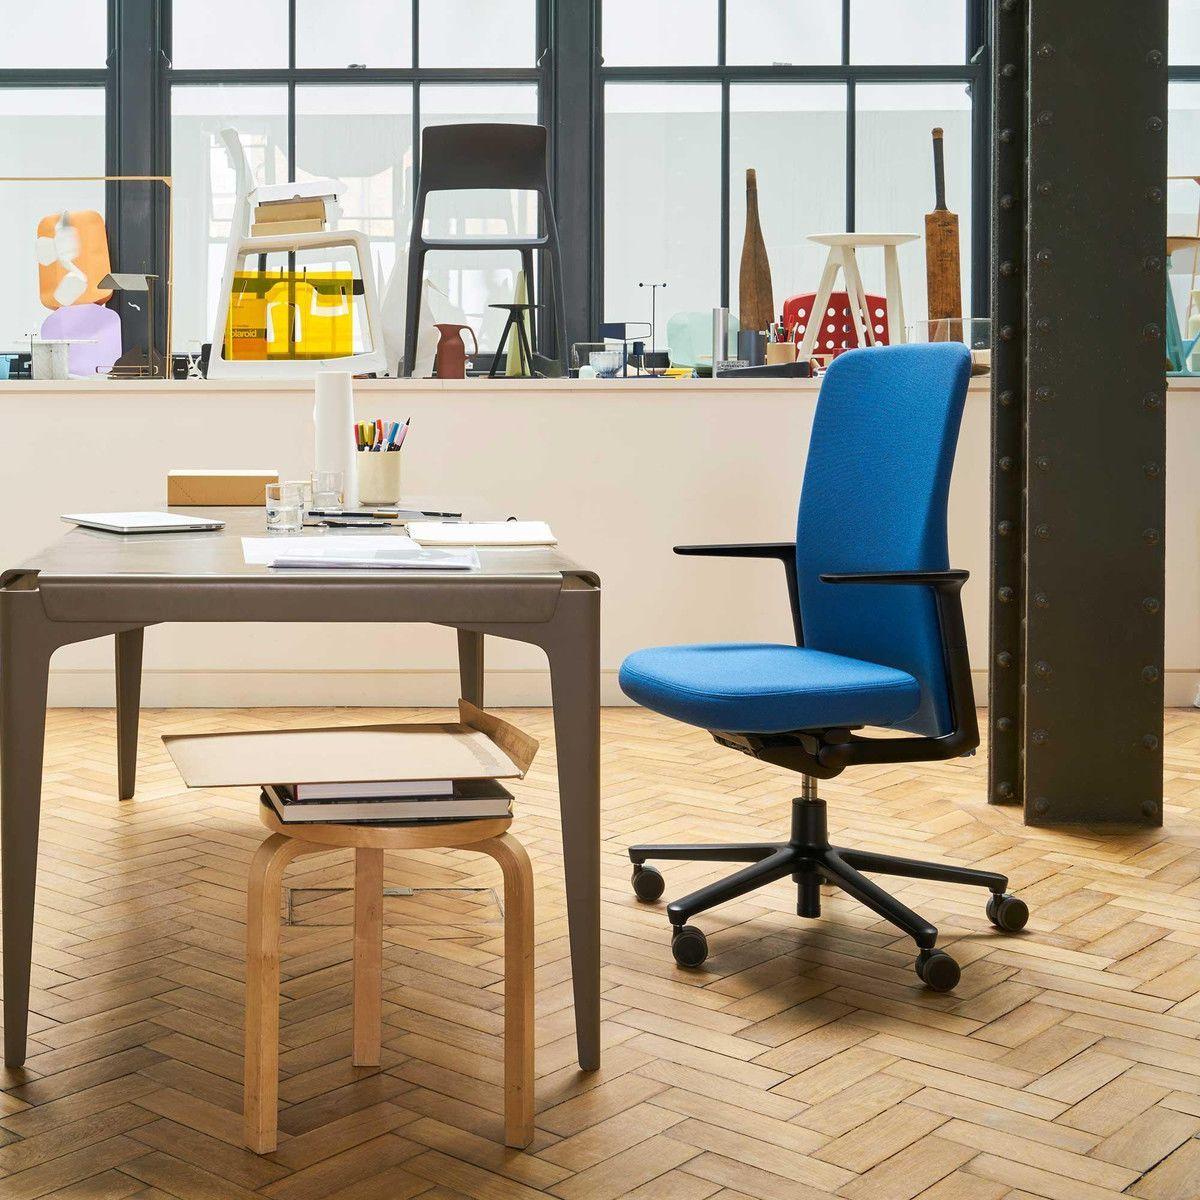 Vitra pacific chair chaise de bureau vitra for Chaise de bureau vitra prix